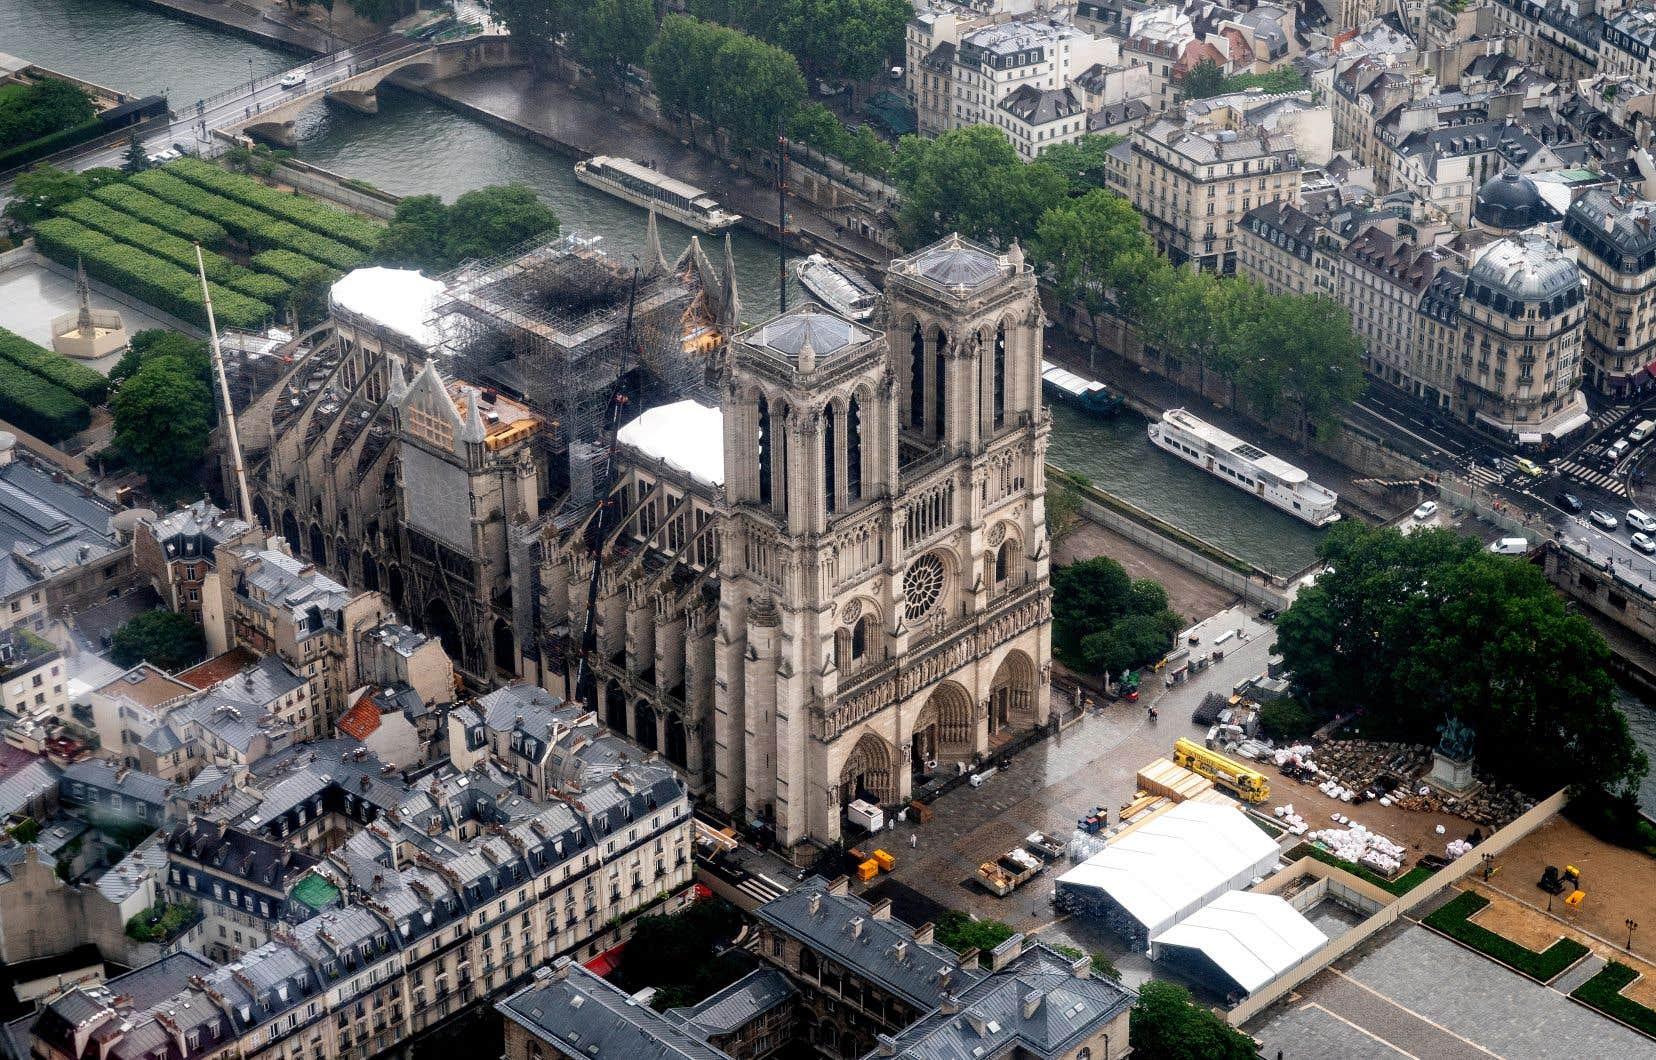 Des taux de plomb 400 à 700 fois supérieurs à la limite autorisée ont été détectés à l'intérieur et aux alentours de la cathédrale Notre-Dame de Paris à la suite de l'incendie de la toiture le 15avril.